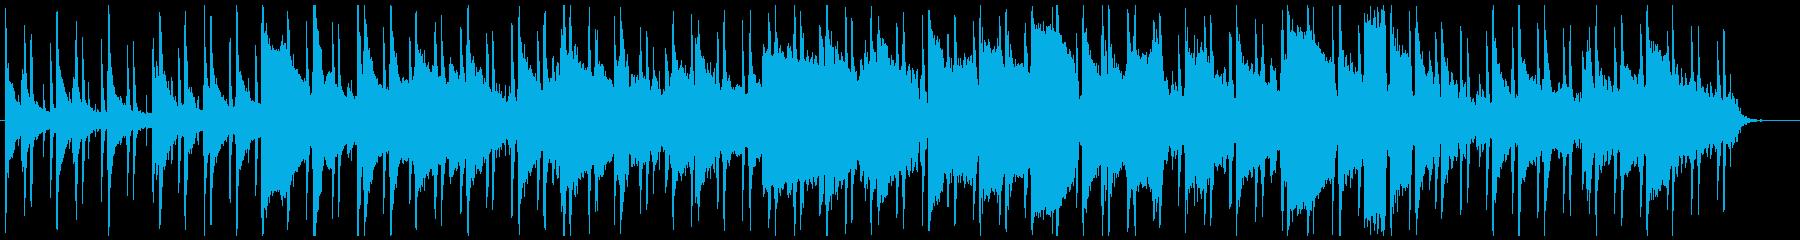 ゆったりとした時間に フルートの音色の再生済みの波形